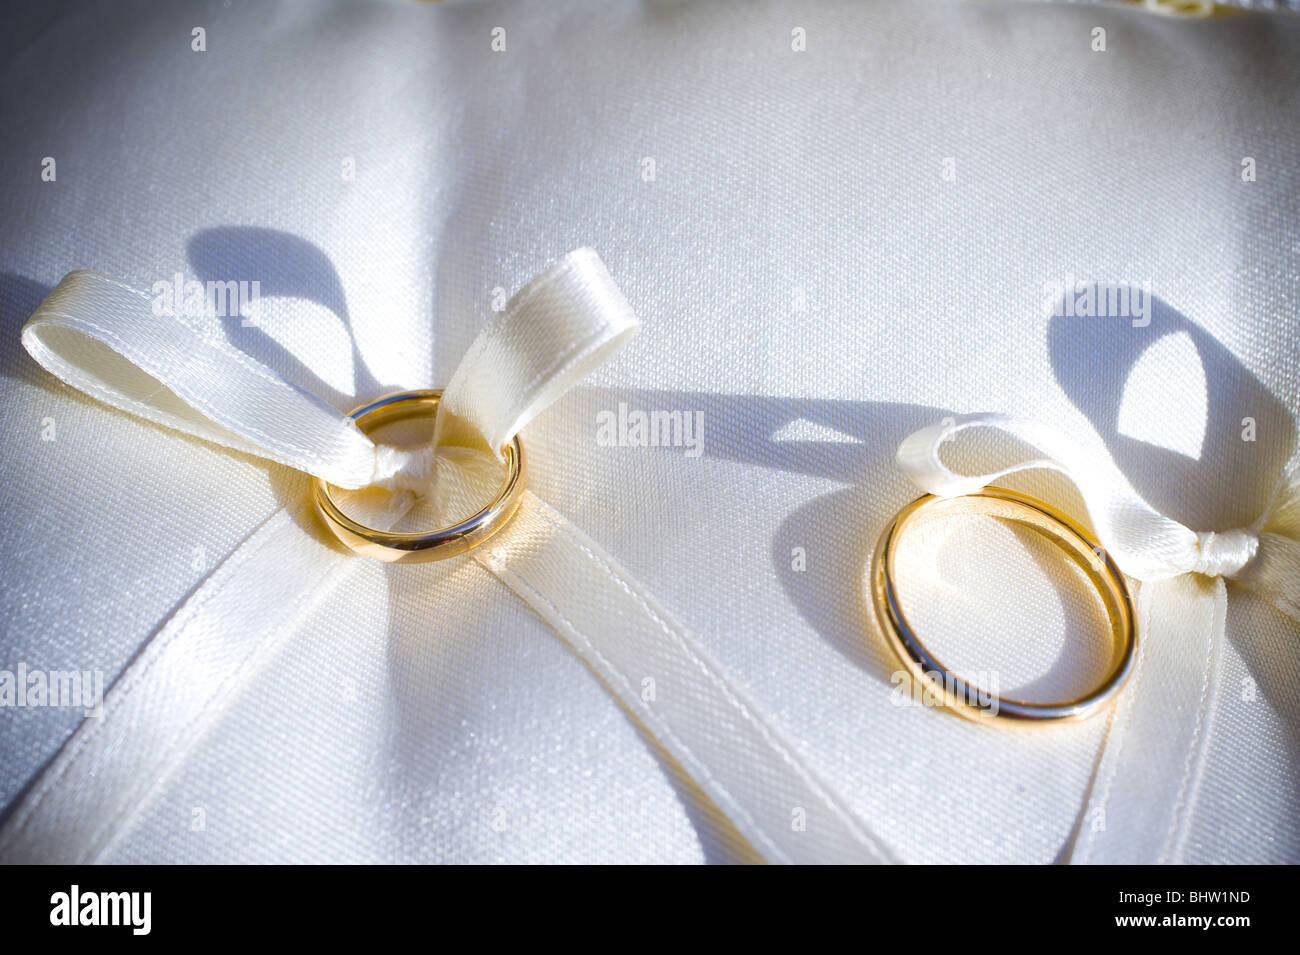 Les anneaux de mariage, close-up Photo Stock